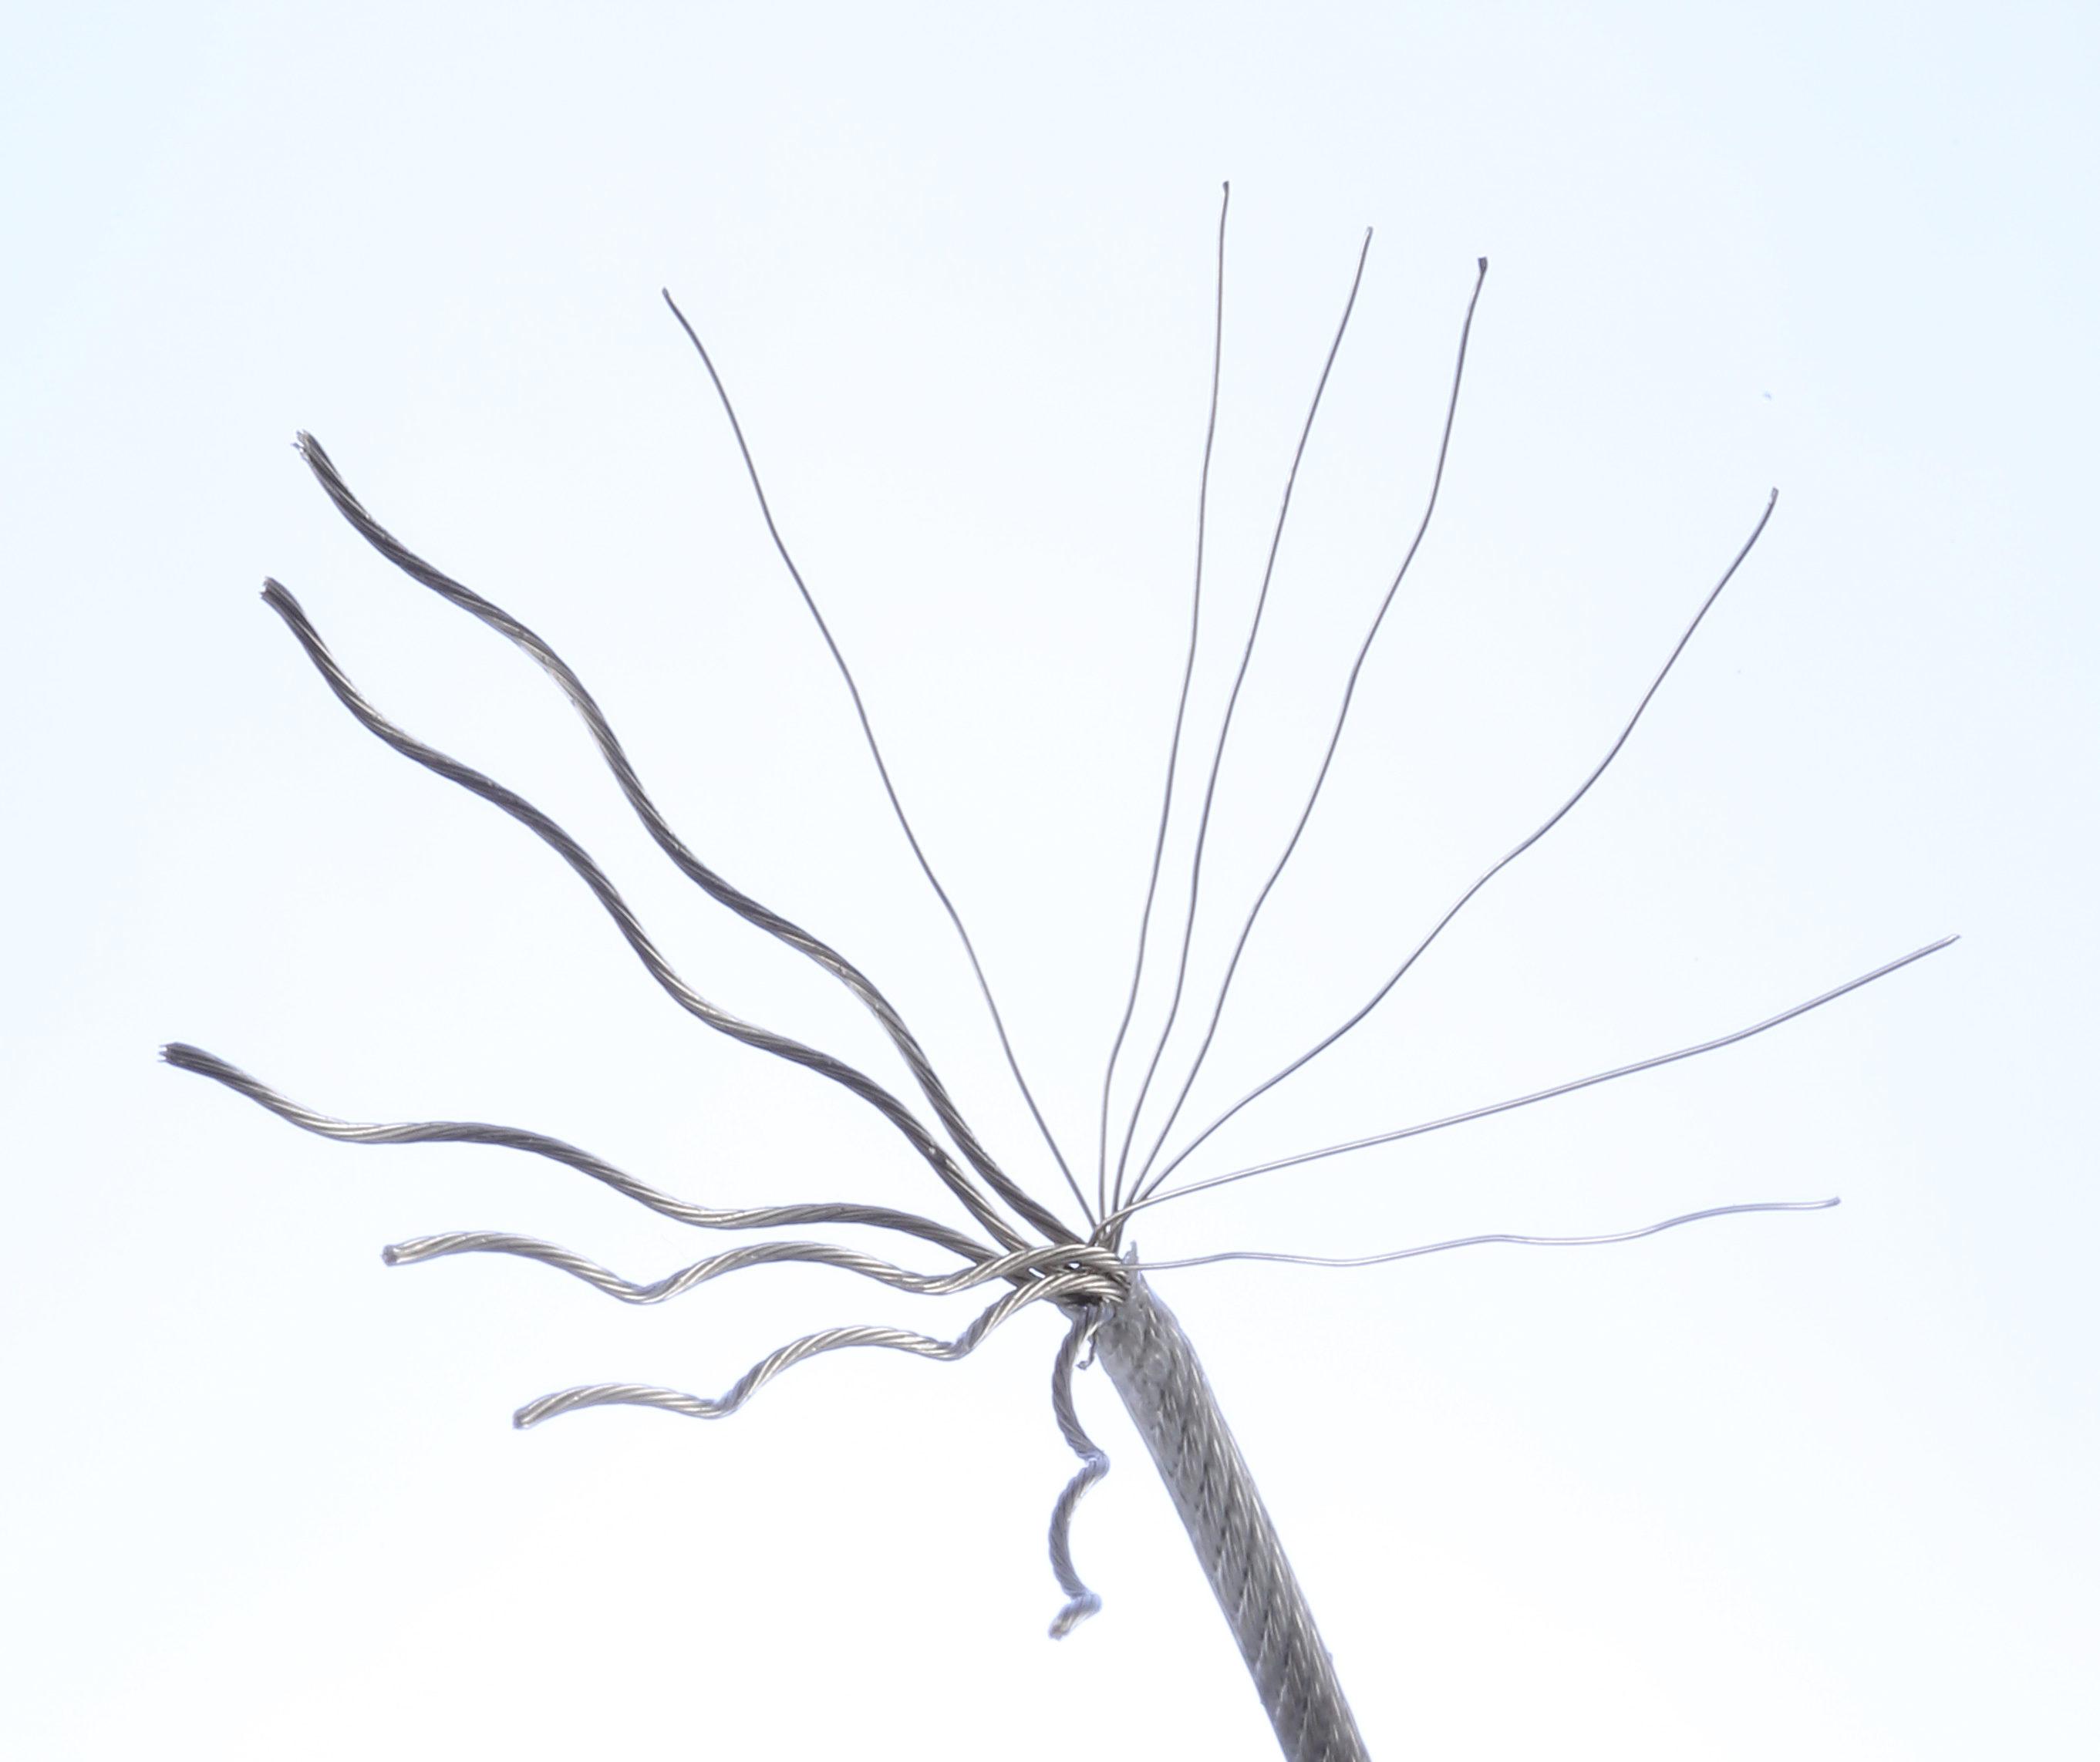 隱形鐵窗316L不鏽鋼絲繩